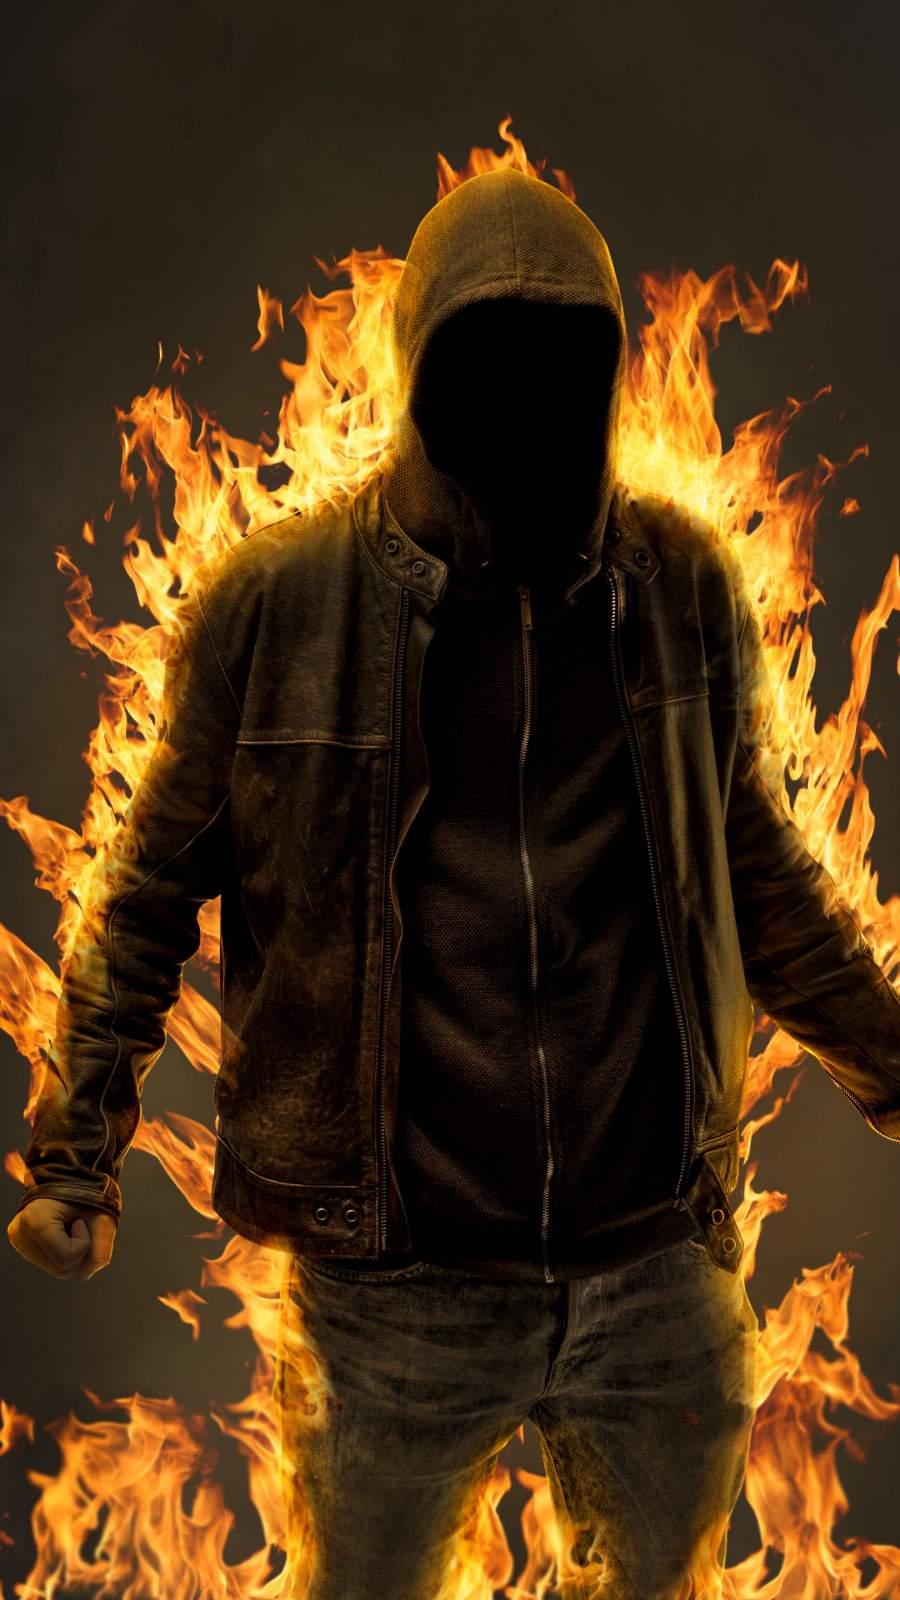 Hoodie Guy Flame